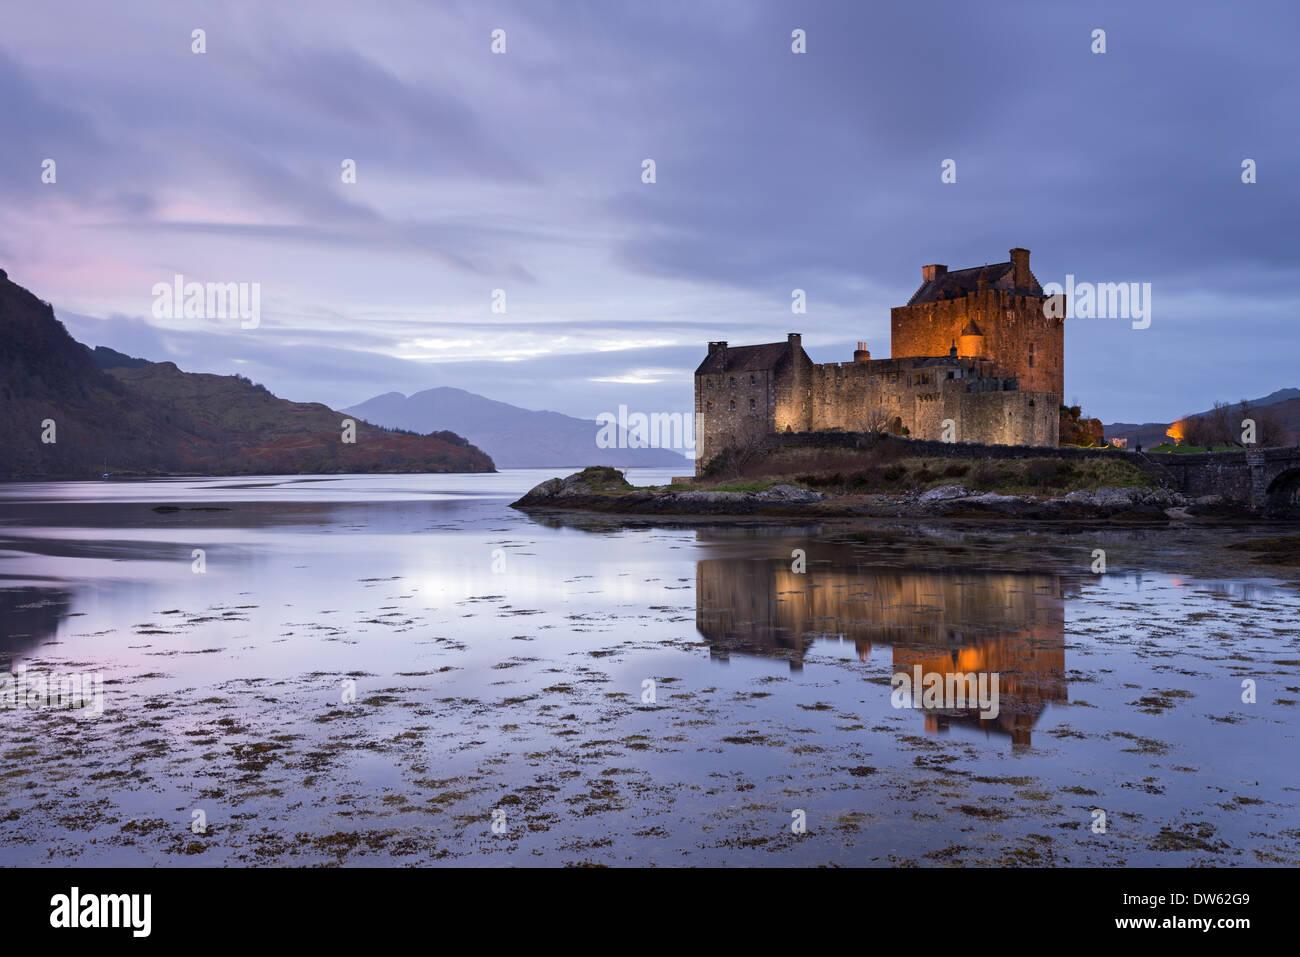 Dämmerung über Eilean Donan Castle am Loch Duich, Dornie, Schottland. Winter (November) 2013. Stockbild